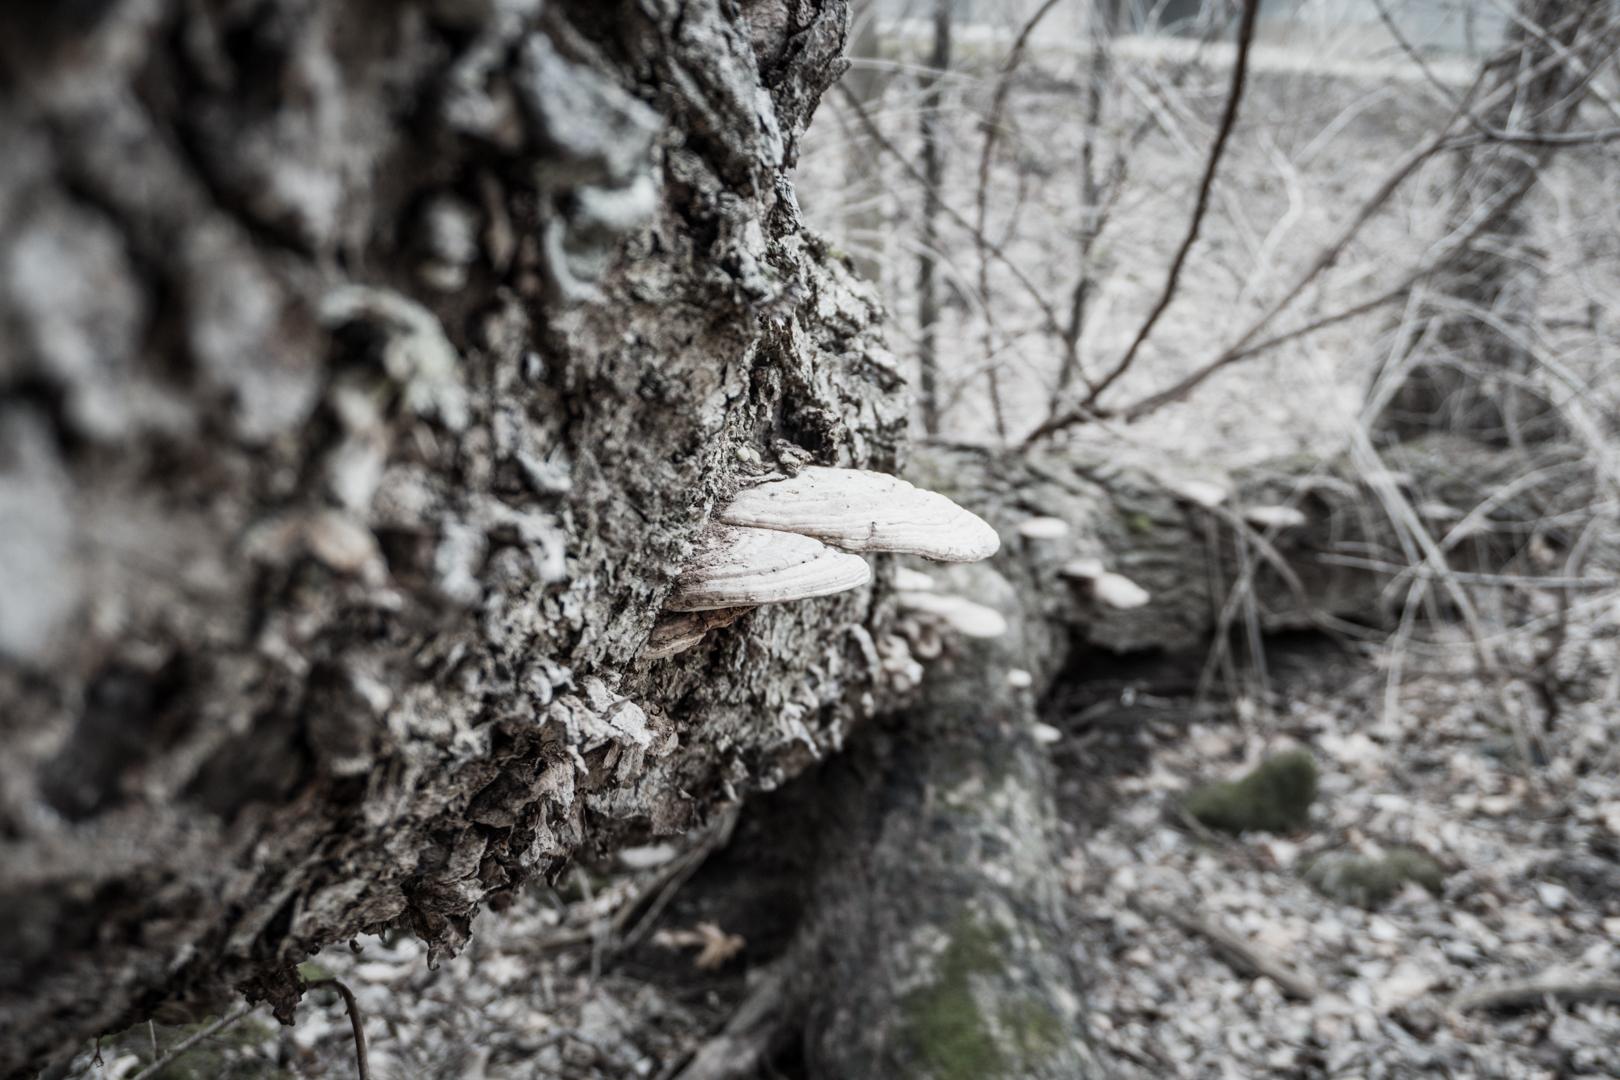 Mushroom's on a tree